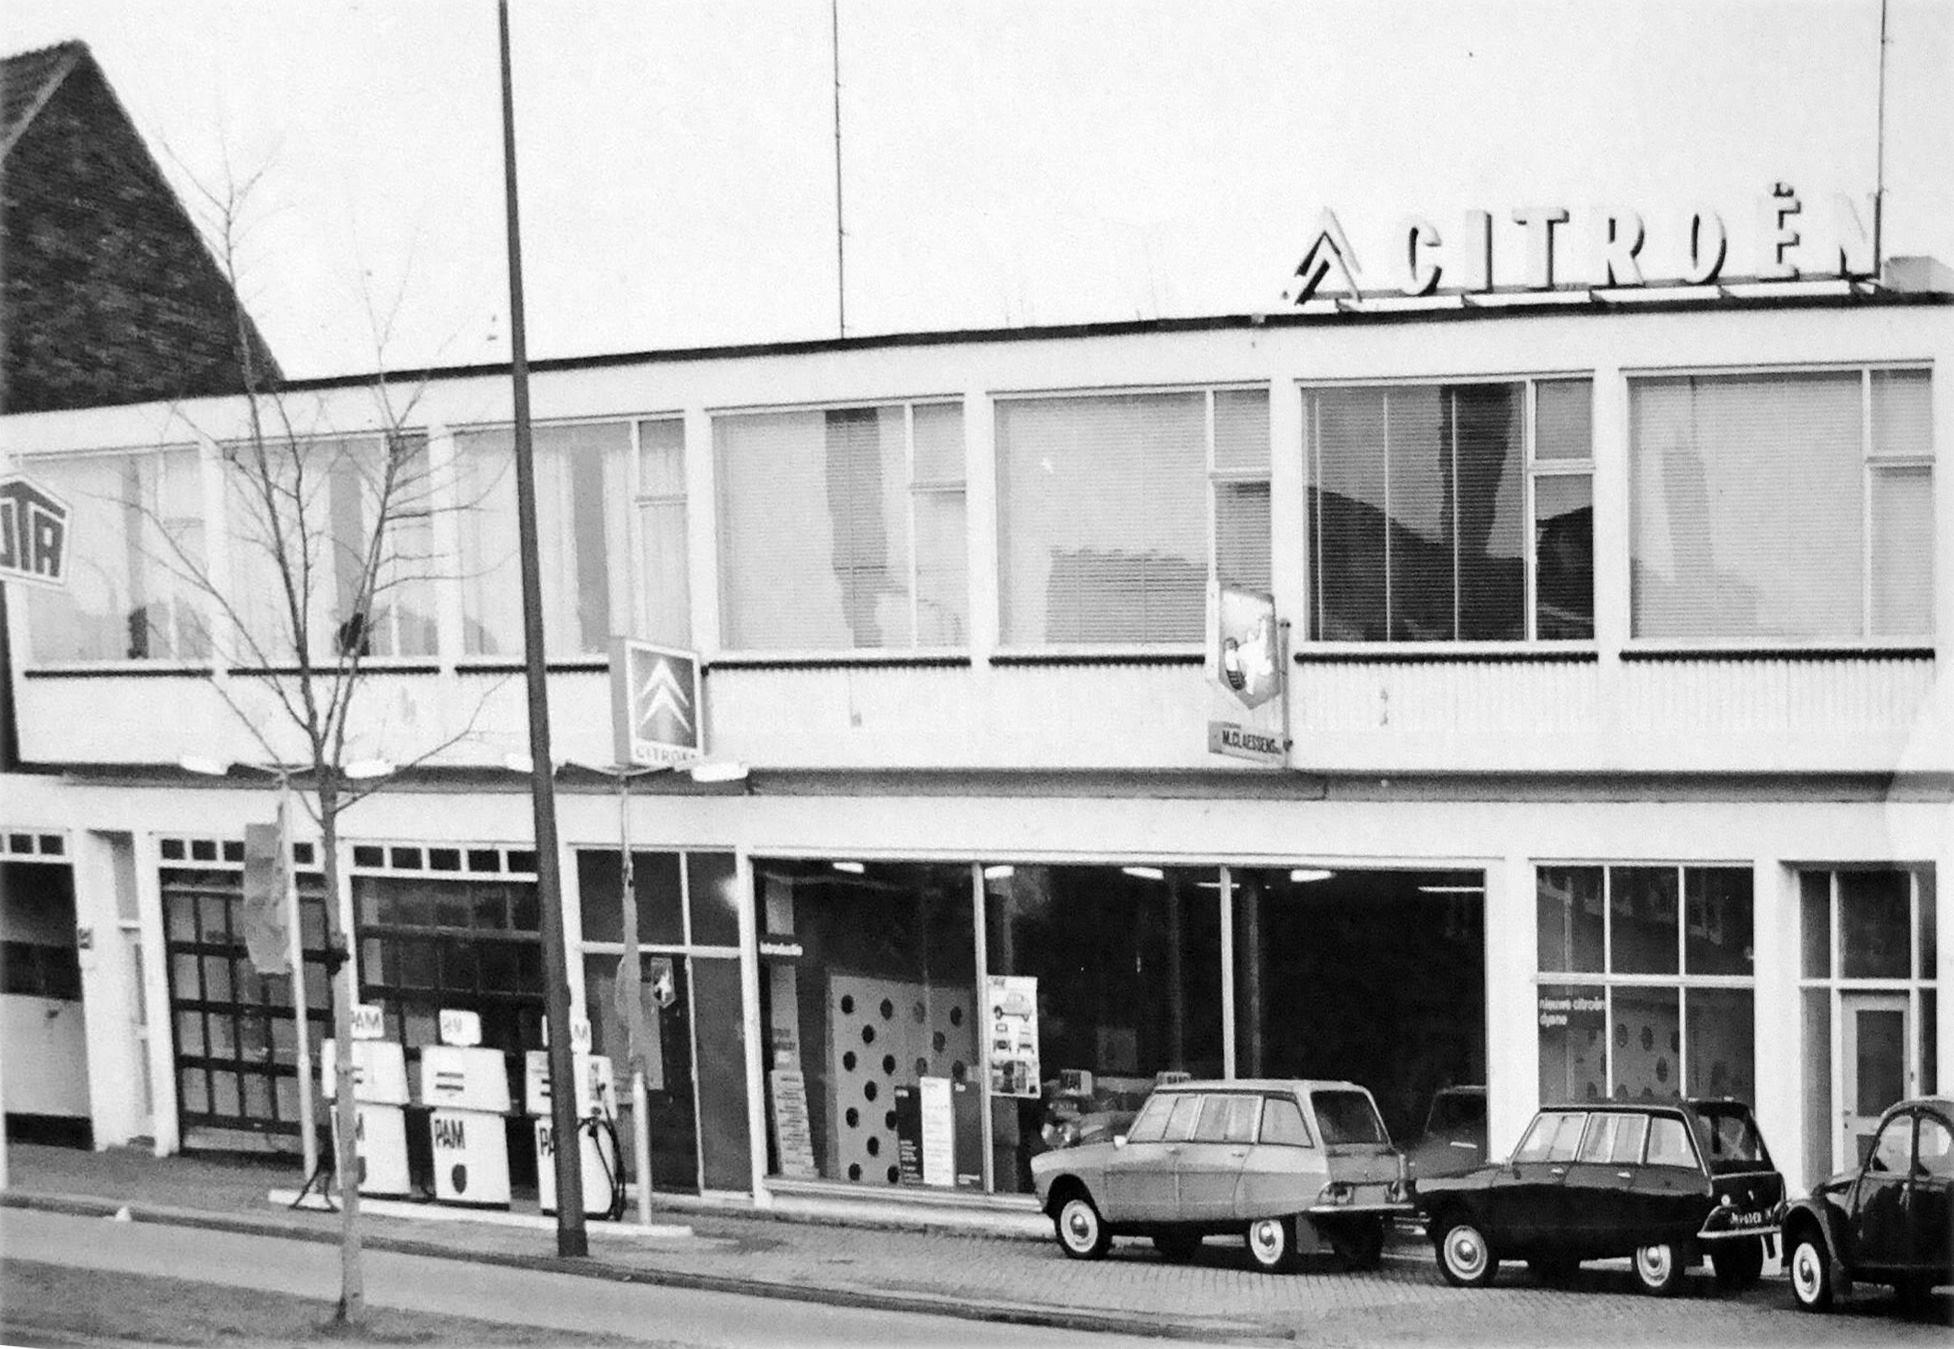 Citroen-Garage-Sondagh-Looierstraat-Heerlen--